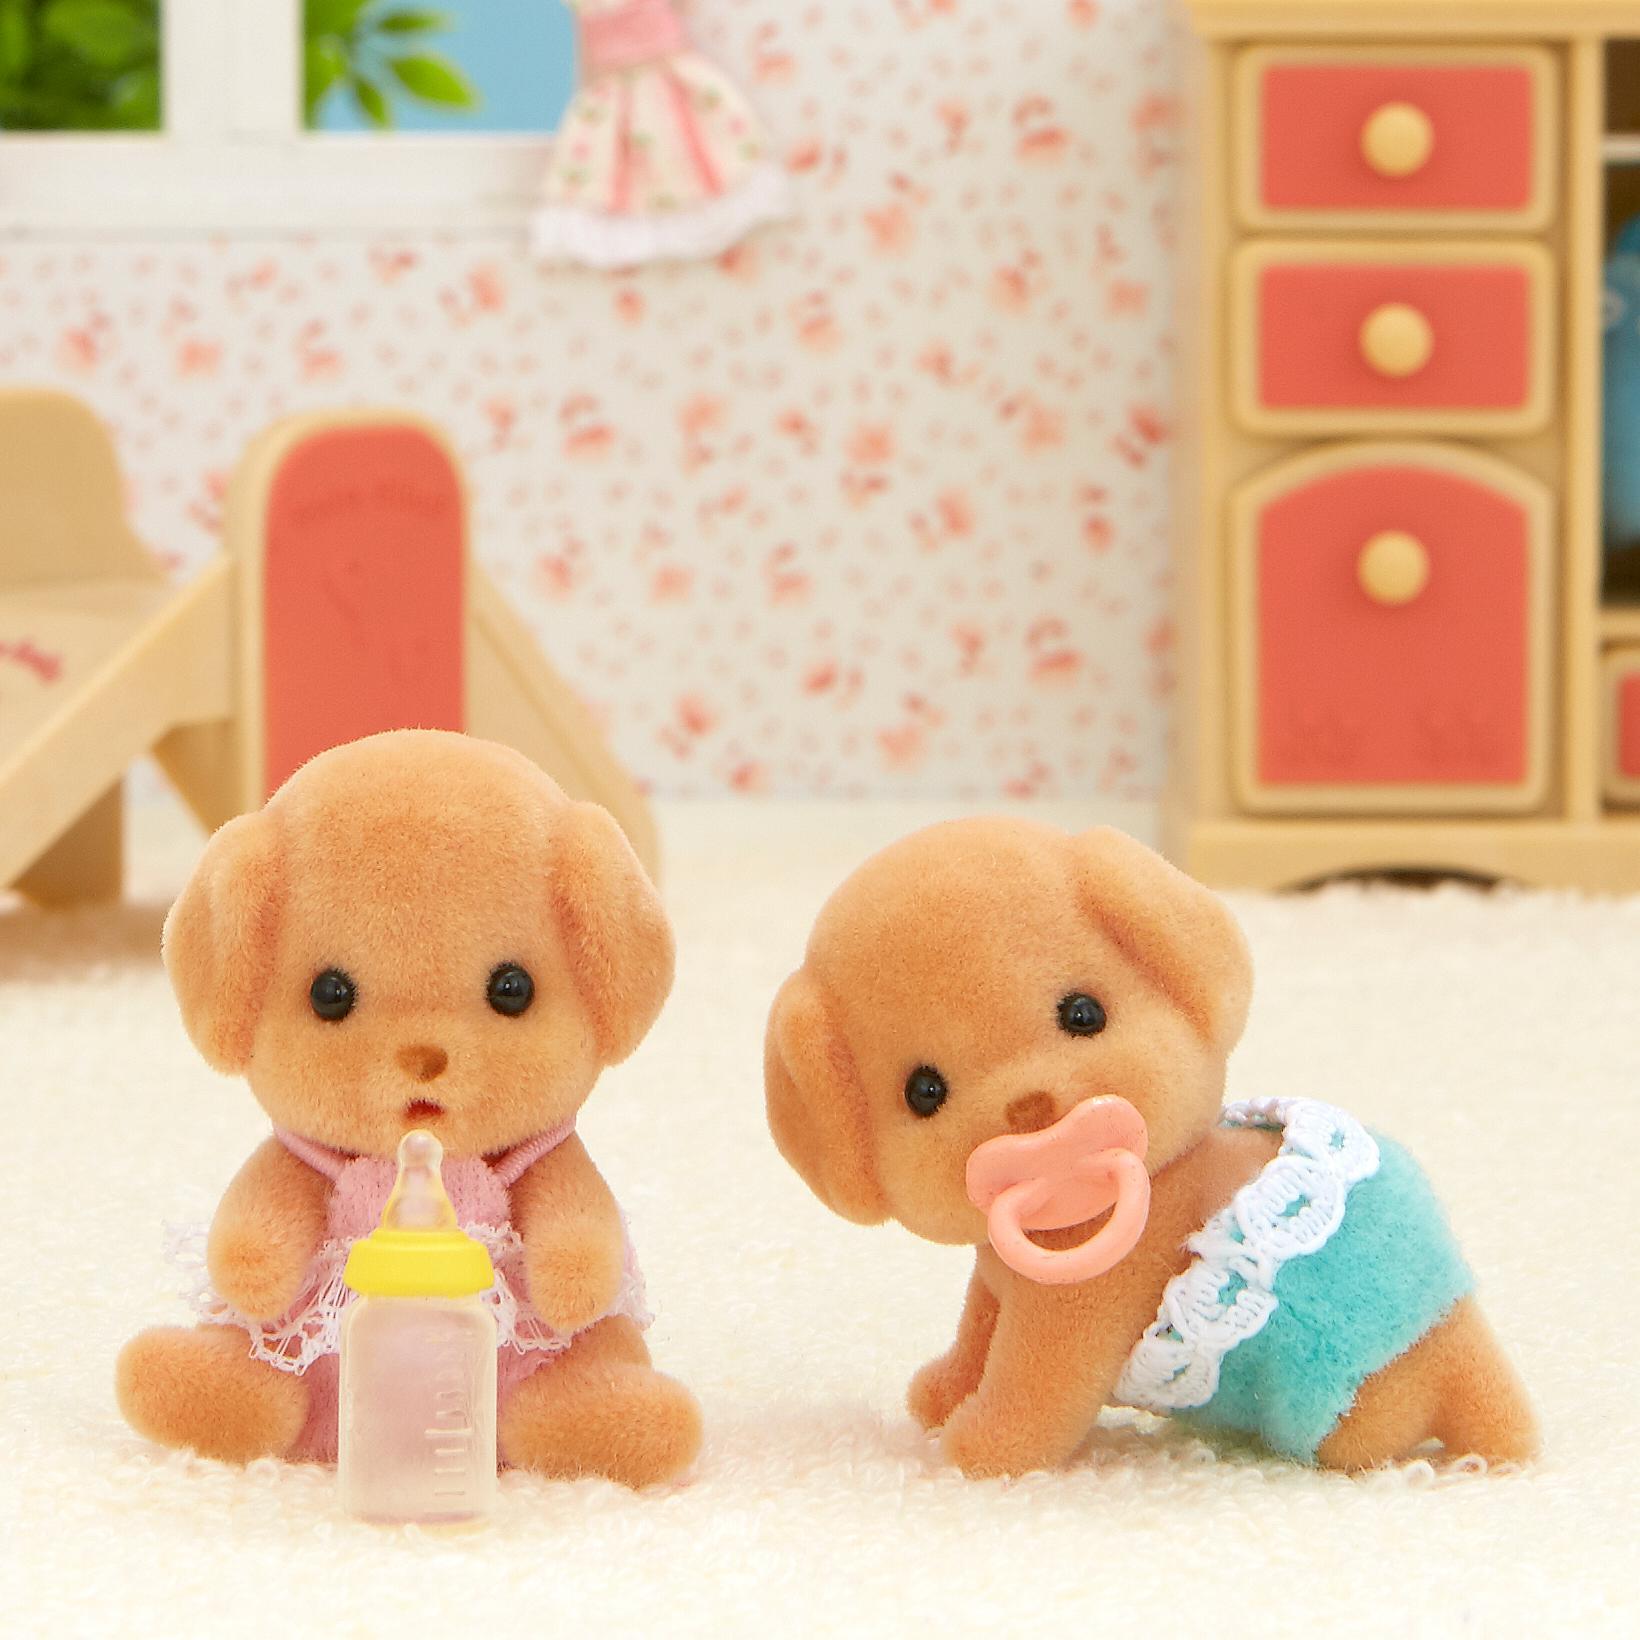 Купить Sylvanian Families Лабрадоры-двойняшки - набор фигурок, Китай